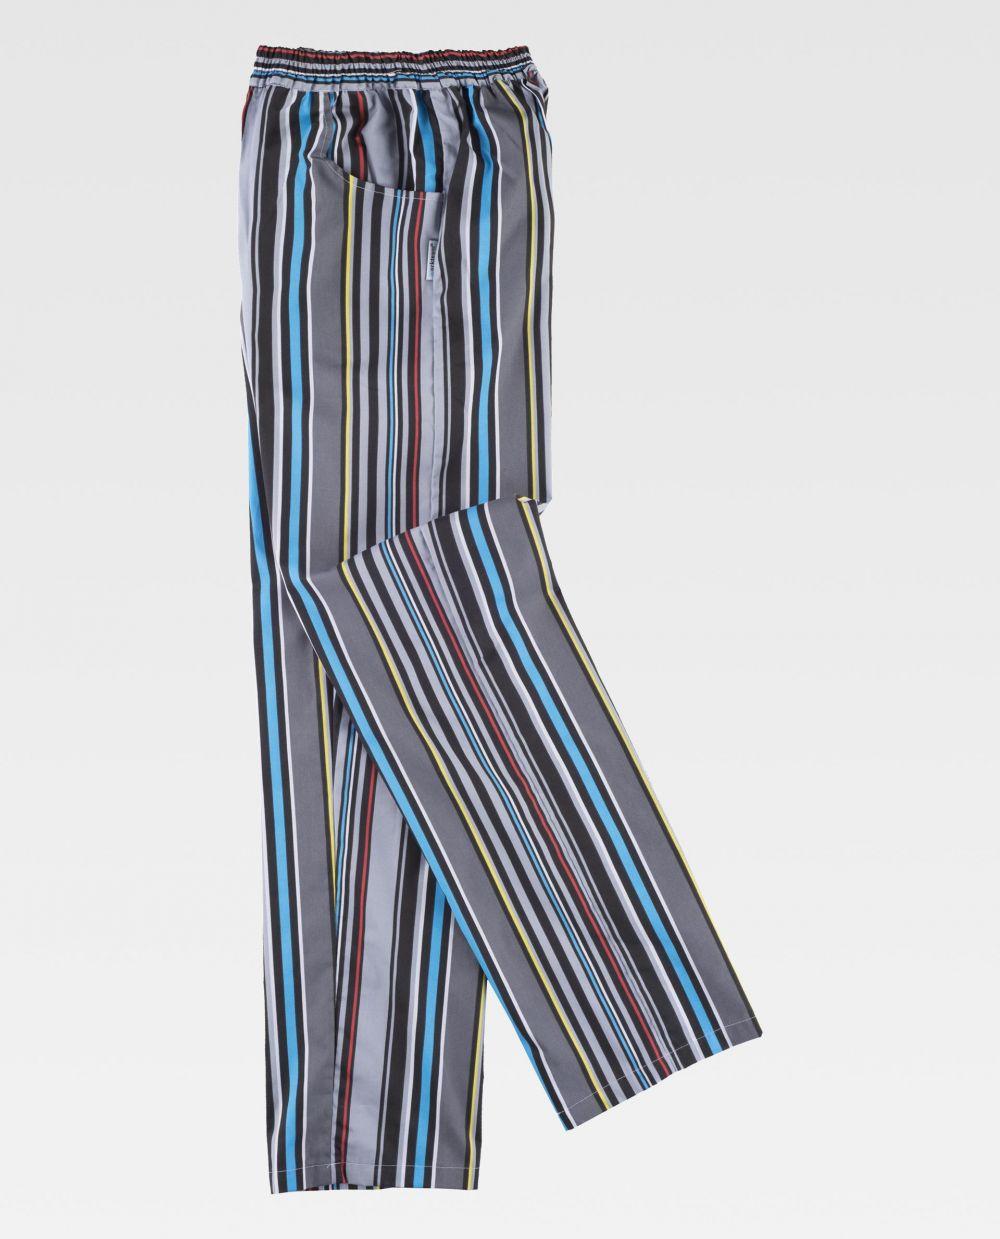 Pantalones de hostelería workteam b1508 de poliéster para personalizar vista 2